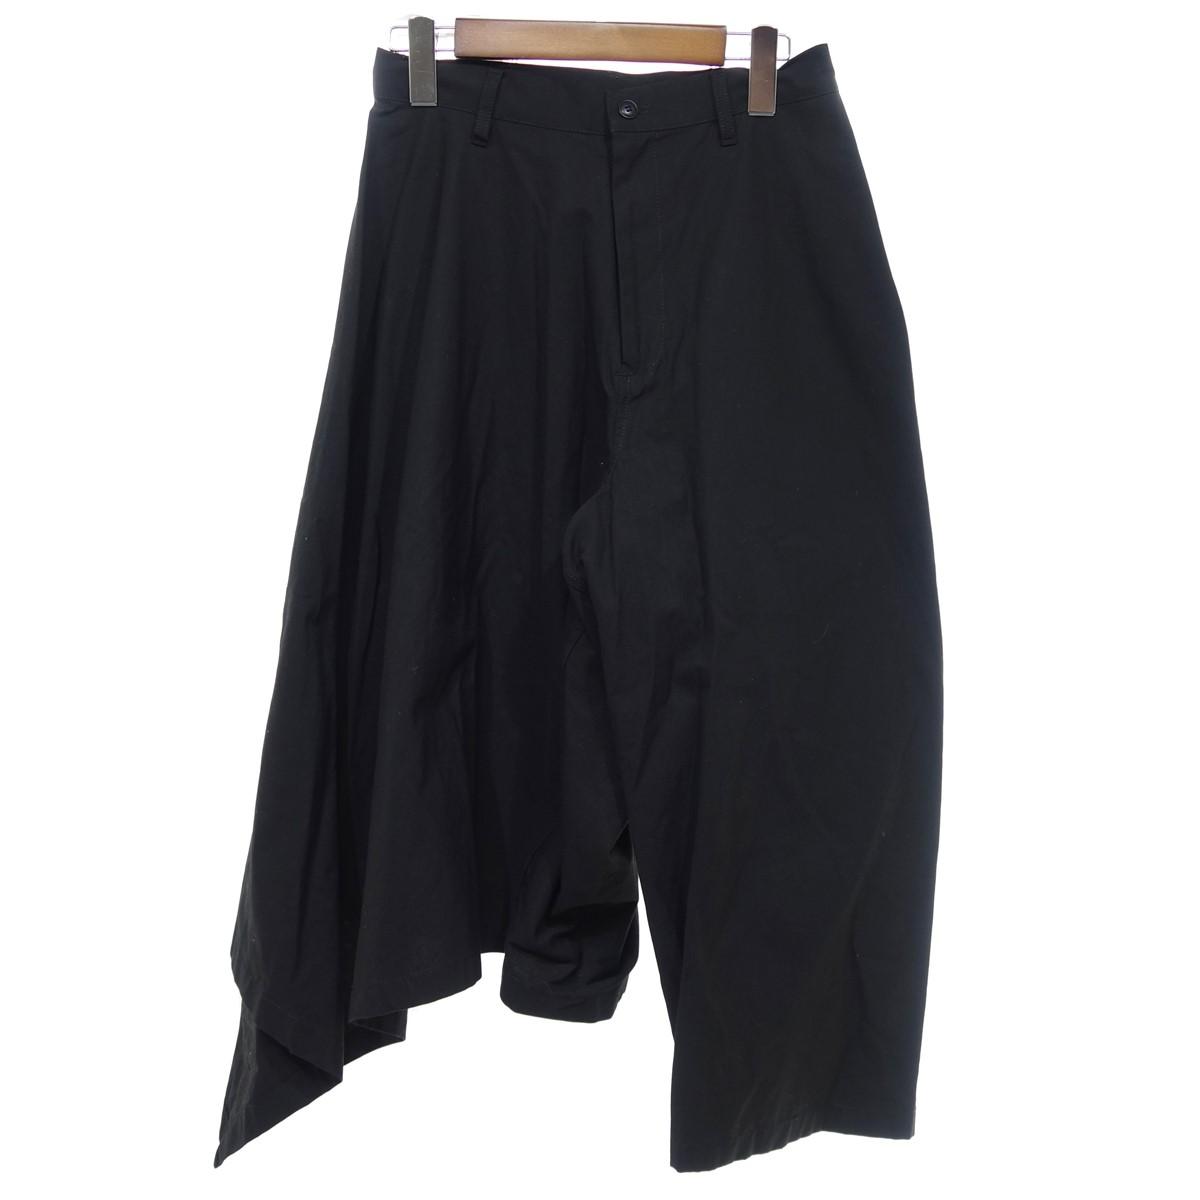 【中古】B Yohji Yamamoto ワイド変形パンツ ブラック サイズ:1 【290320】(ビー ヨウジヤマモト)